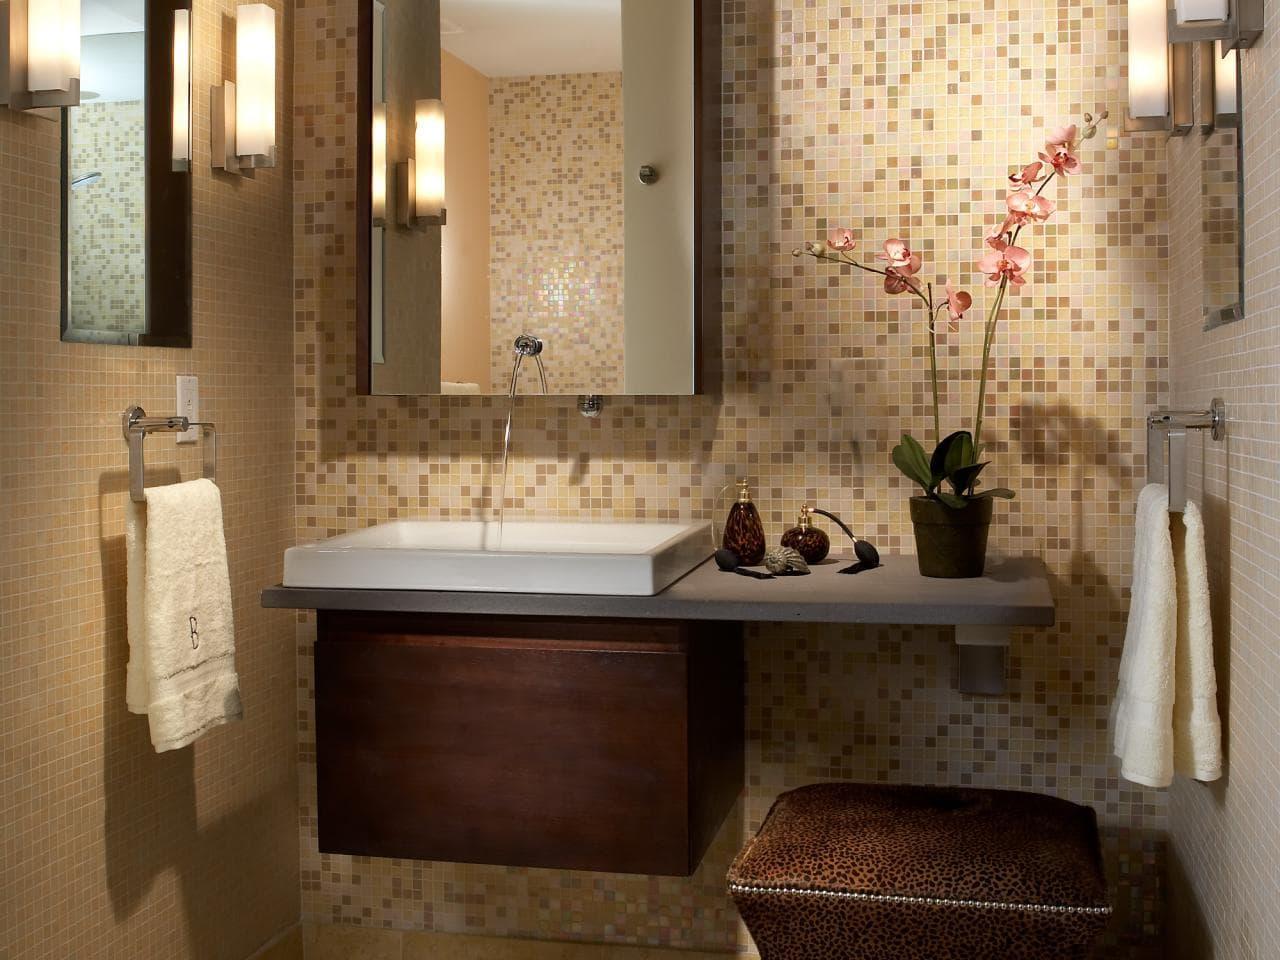 اشكال غرف نوم بالحمام (2)